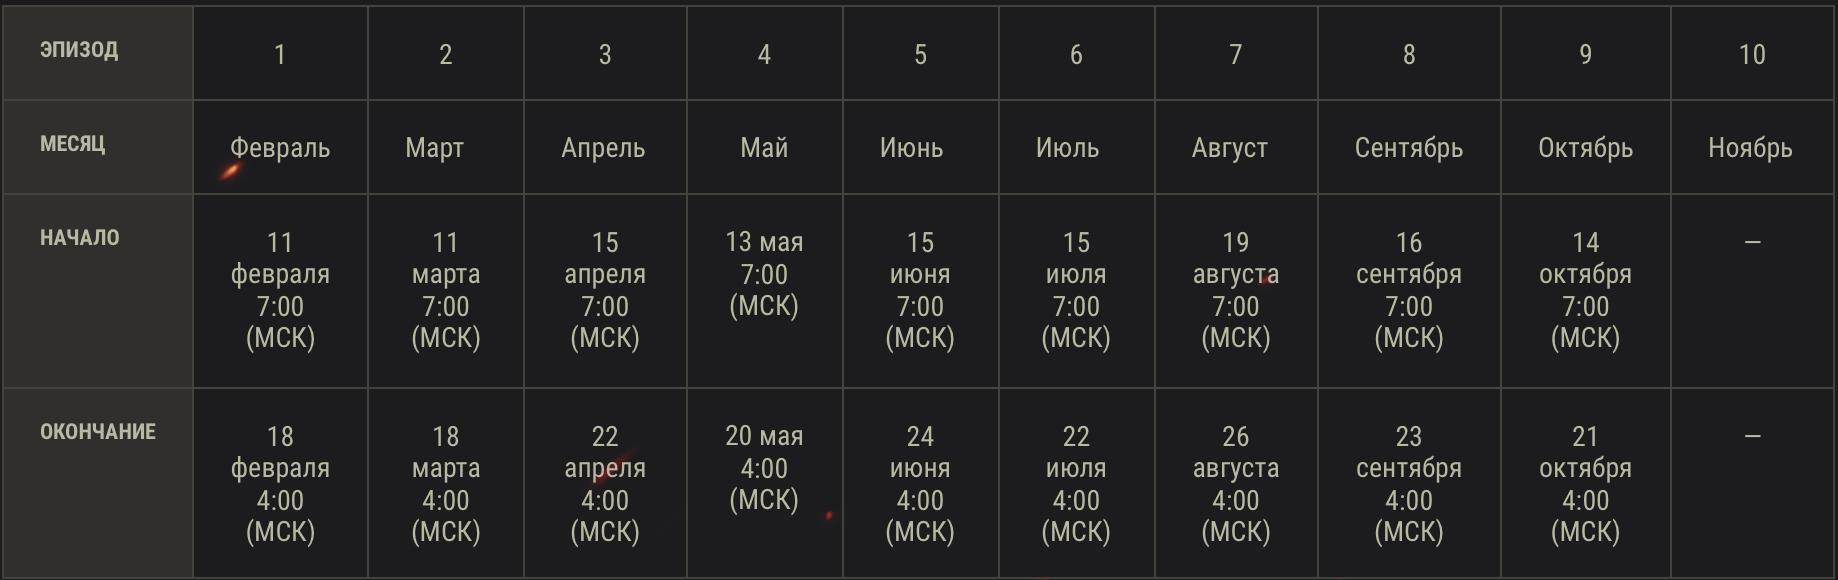 Линия фронта 2019 расписание